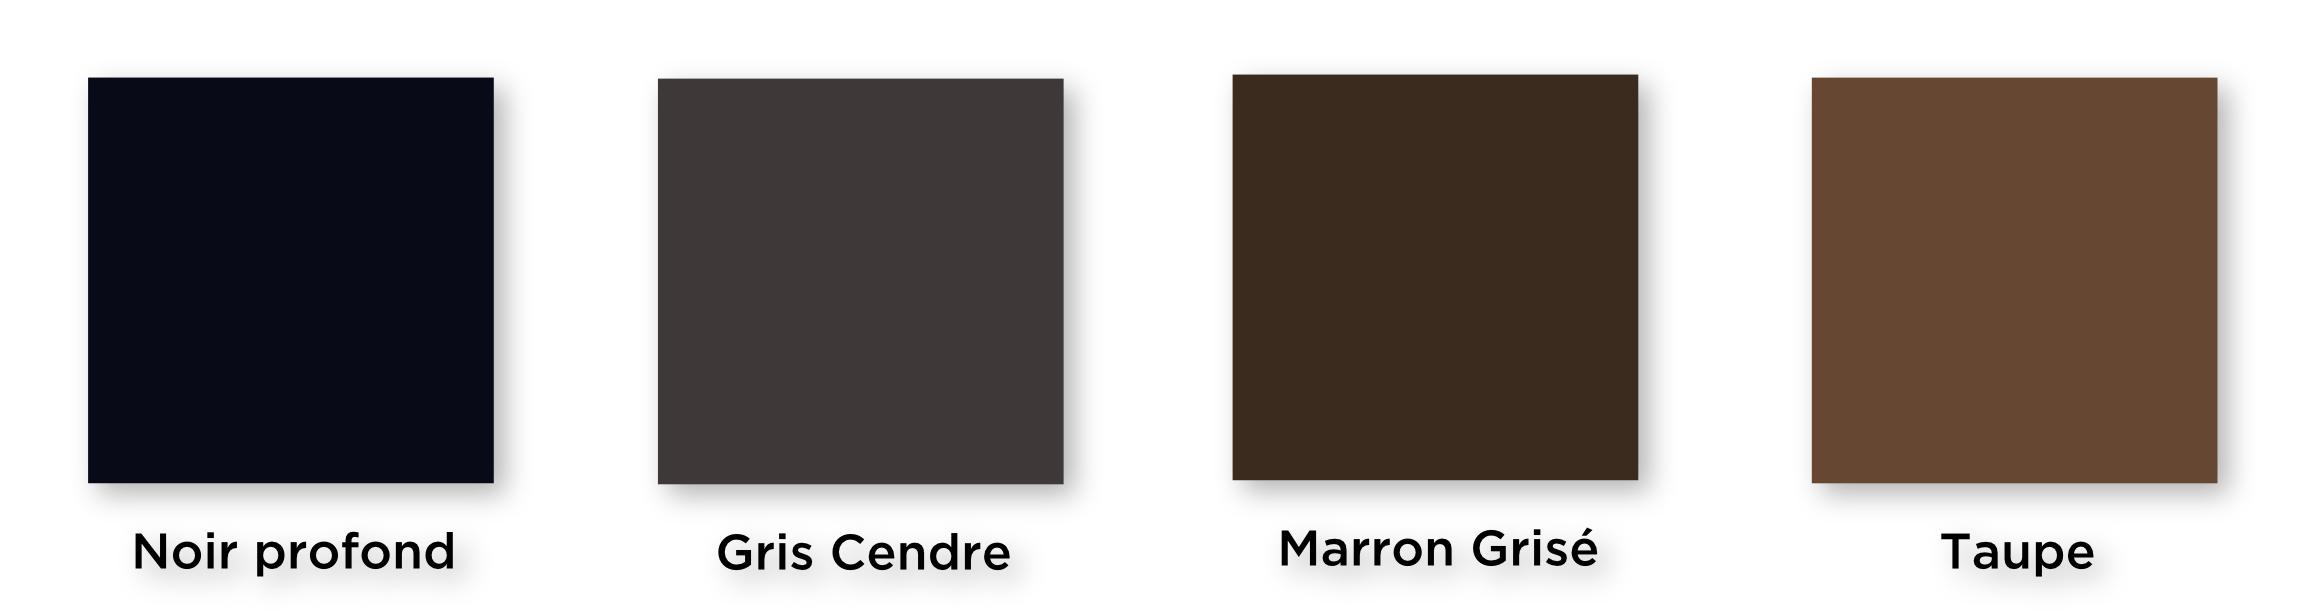 comment assortir les couleurs des v tements avec un teint fonc. Black Bedroom Furniture Sets. Home Design Ideas